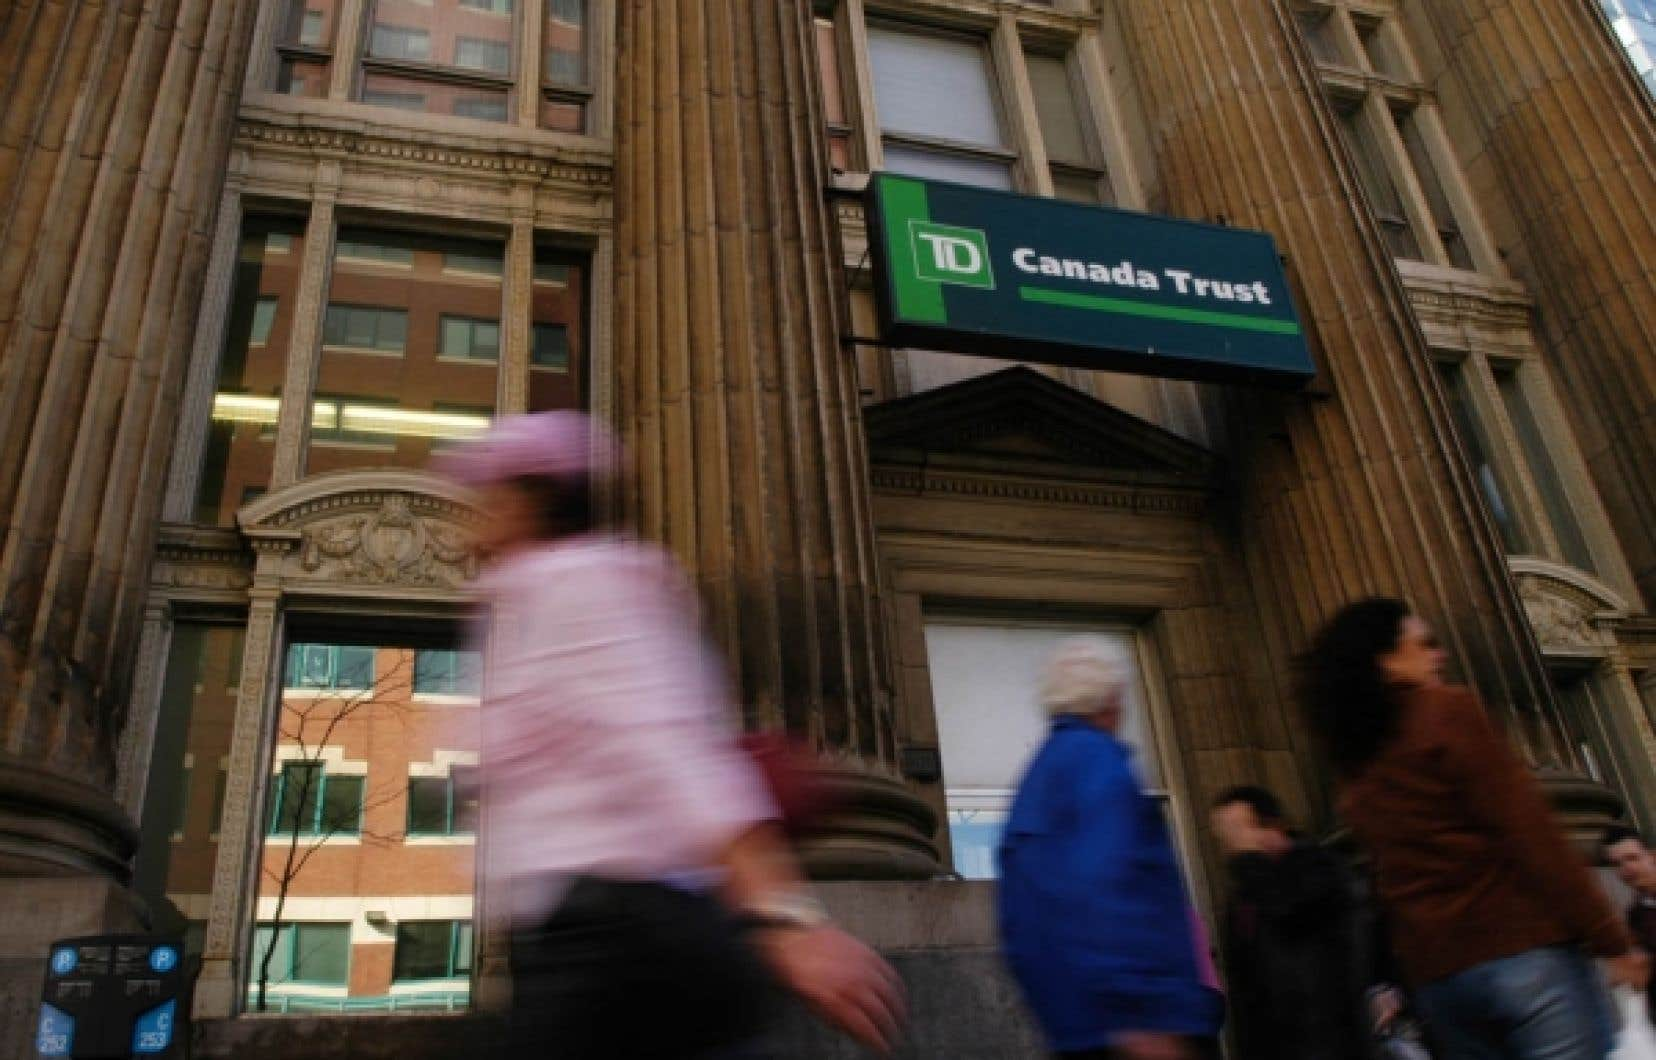 La Banque TD va mettre la main sur MBNA, le plus gros émetteur de cartes MasterCard au Canada.<br />